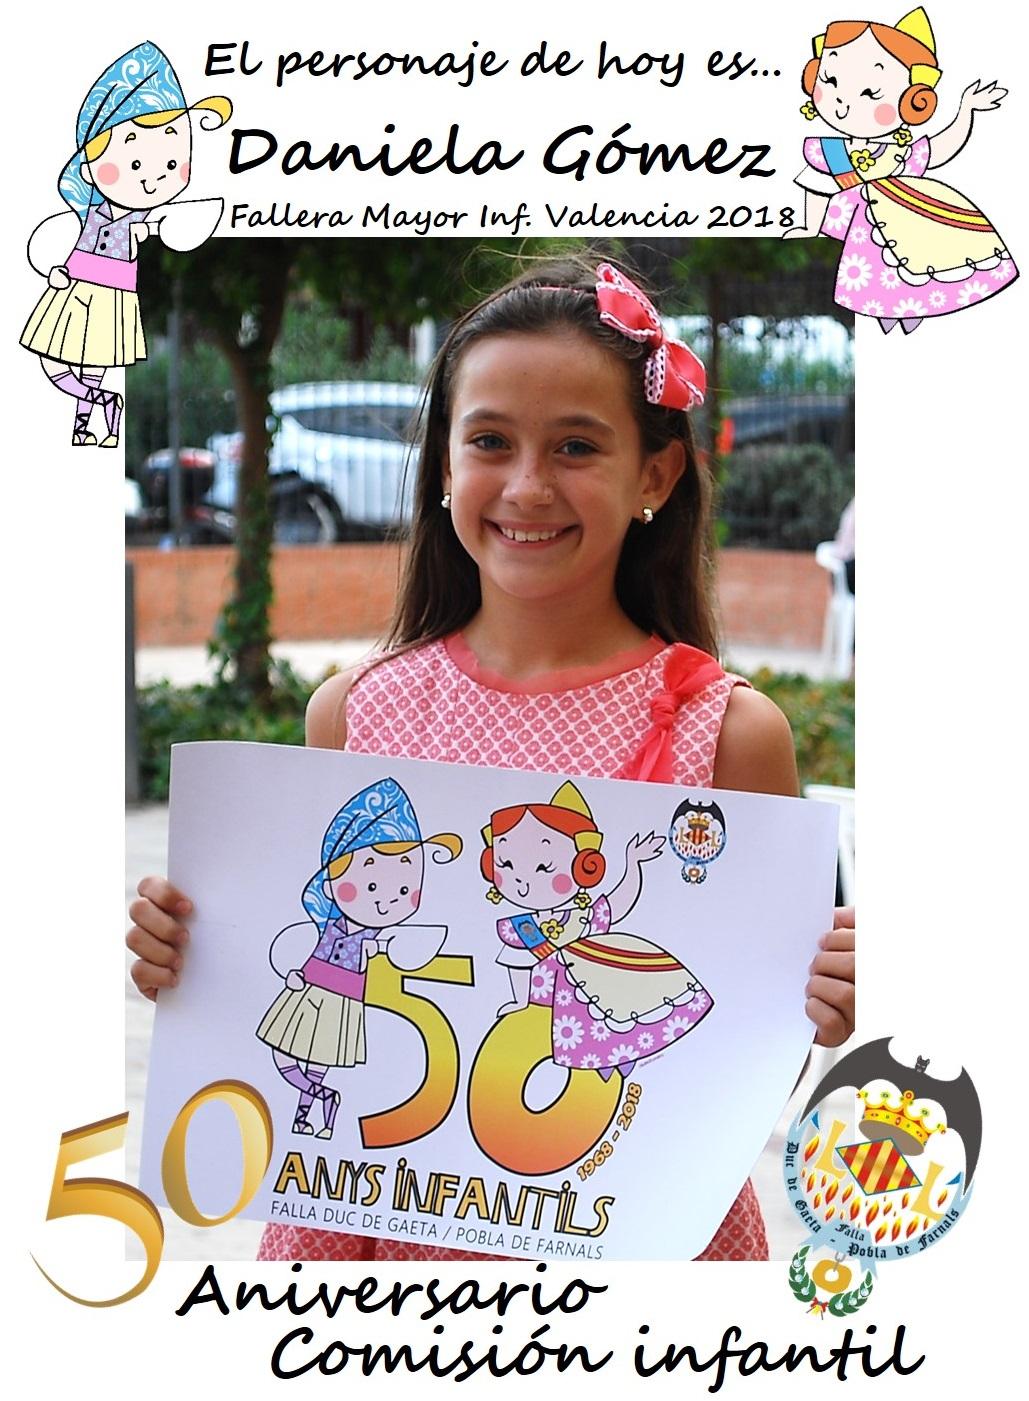 Personaje del día: Daniela Gómez de los Ángeles, Fallera Mayor Infantil de Valencia 2018